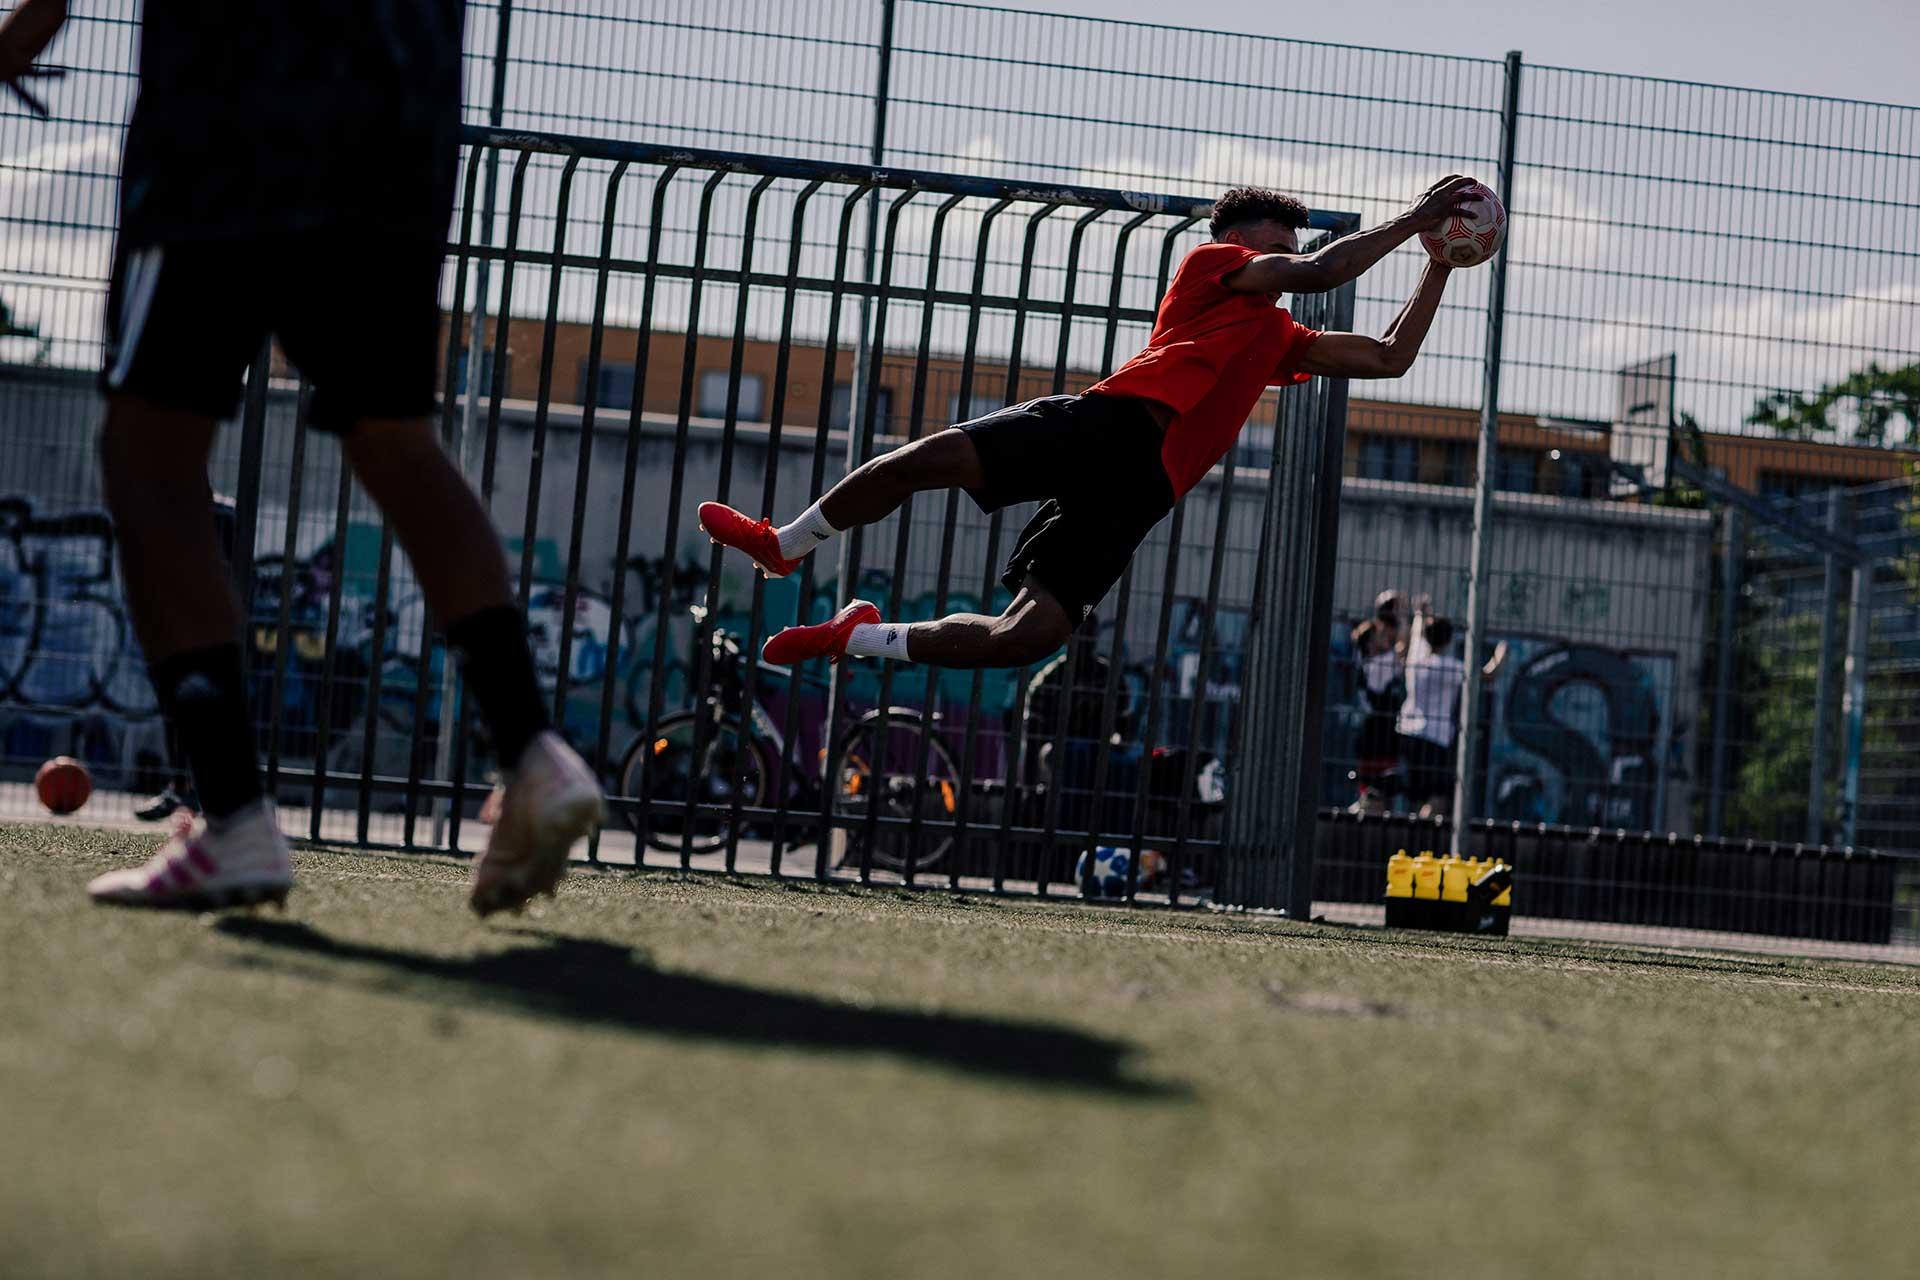 Fotograf Sport Fußball Powerbar Fotoproduktion Deutschland Köln